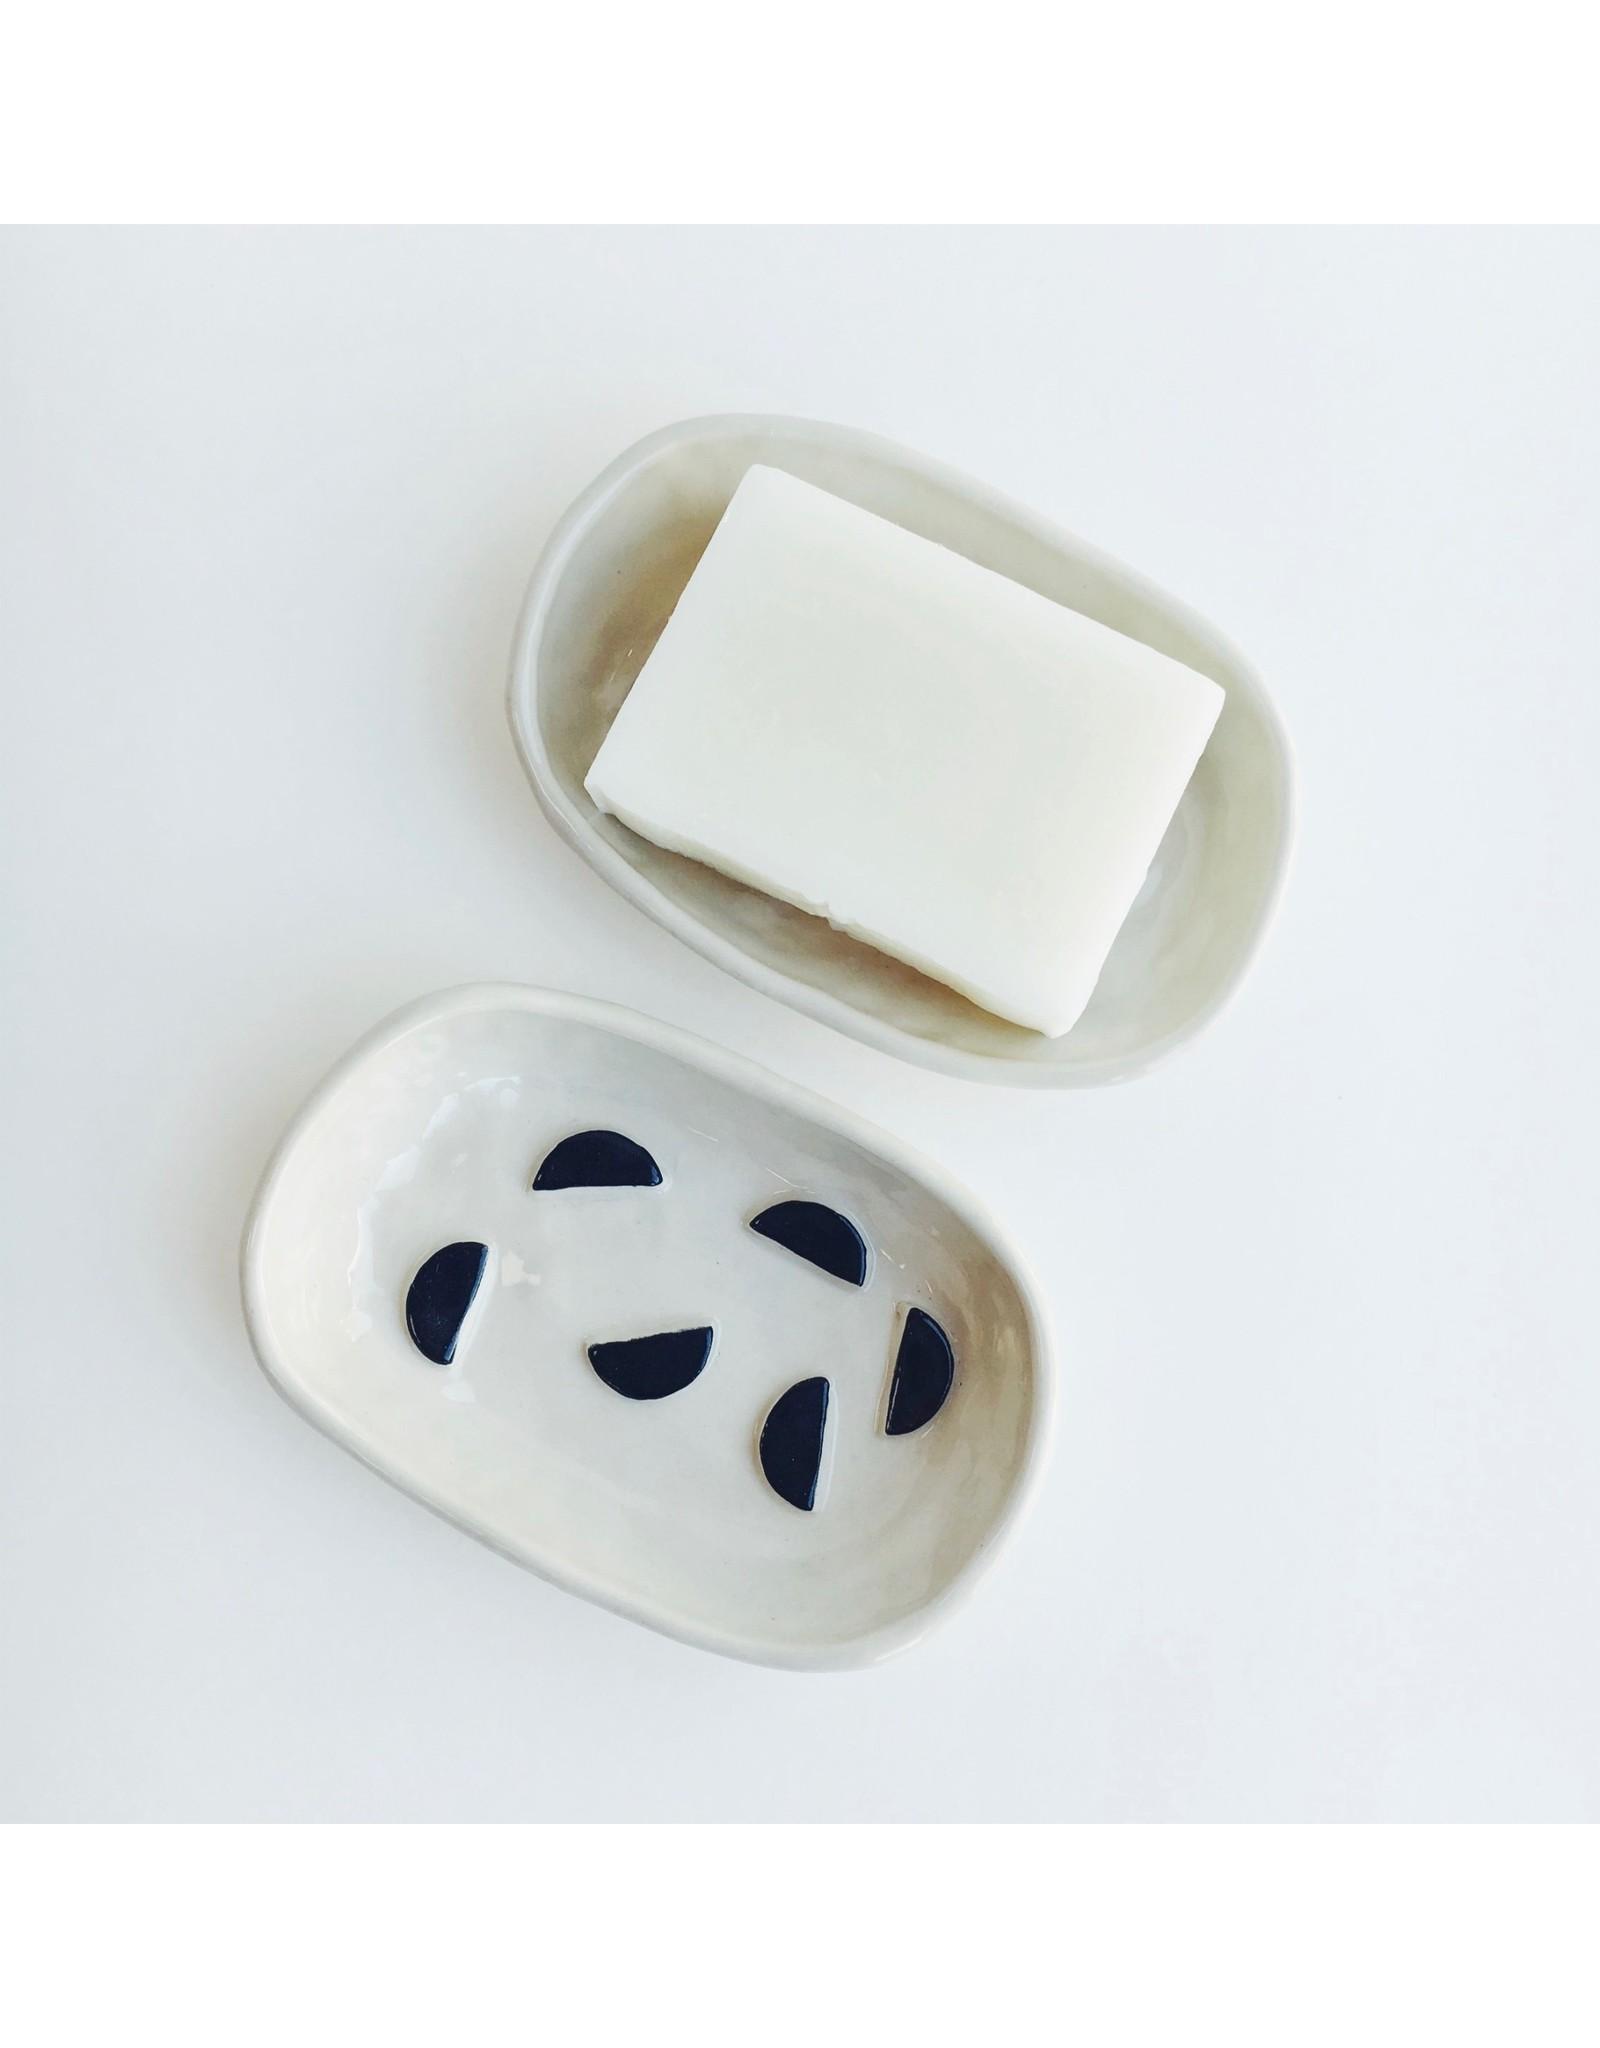 Monochrome Ceramic Soap Dish